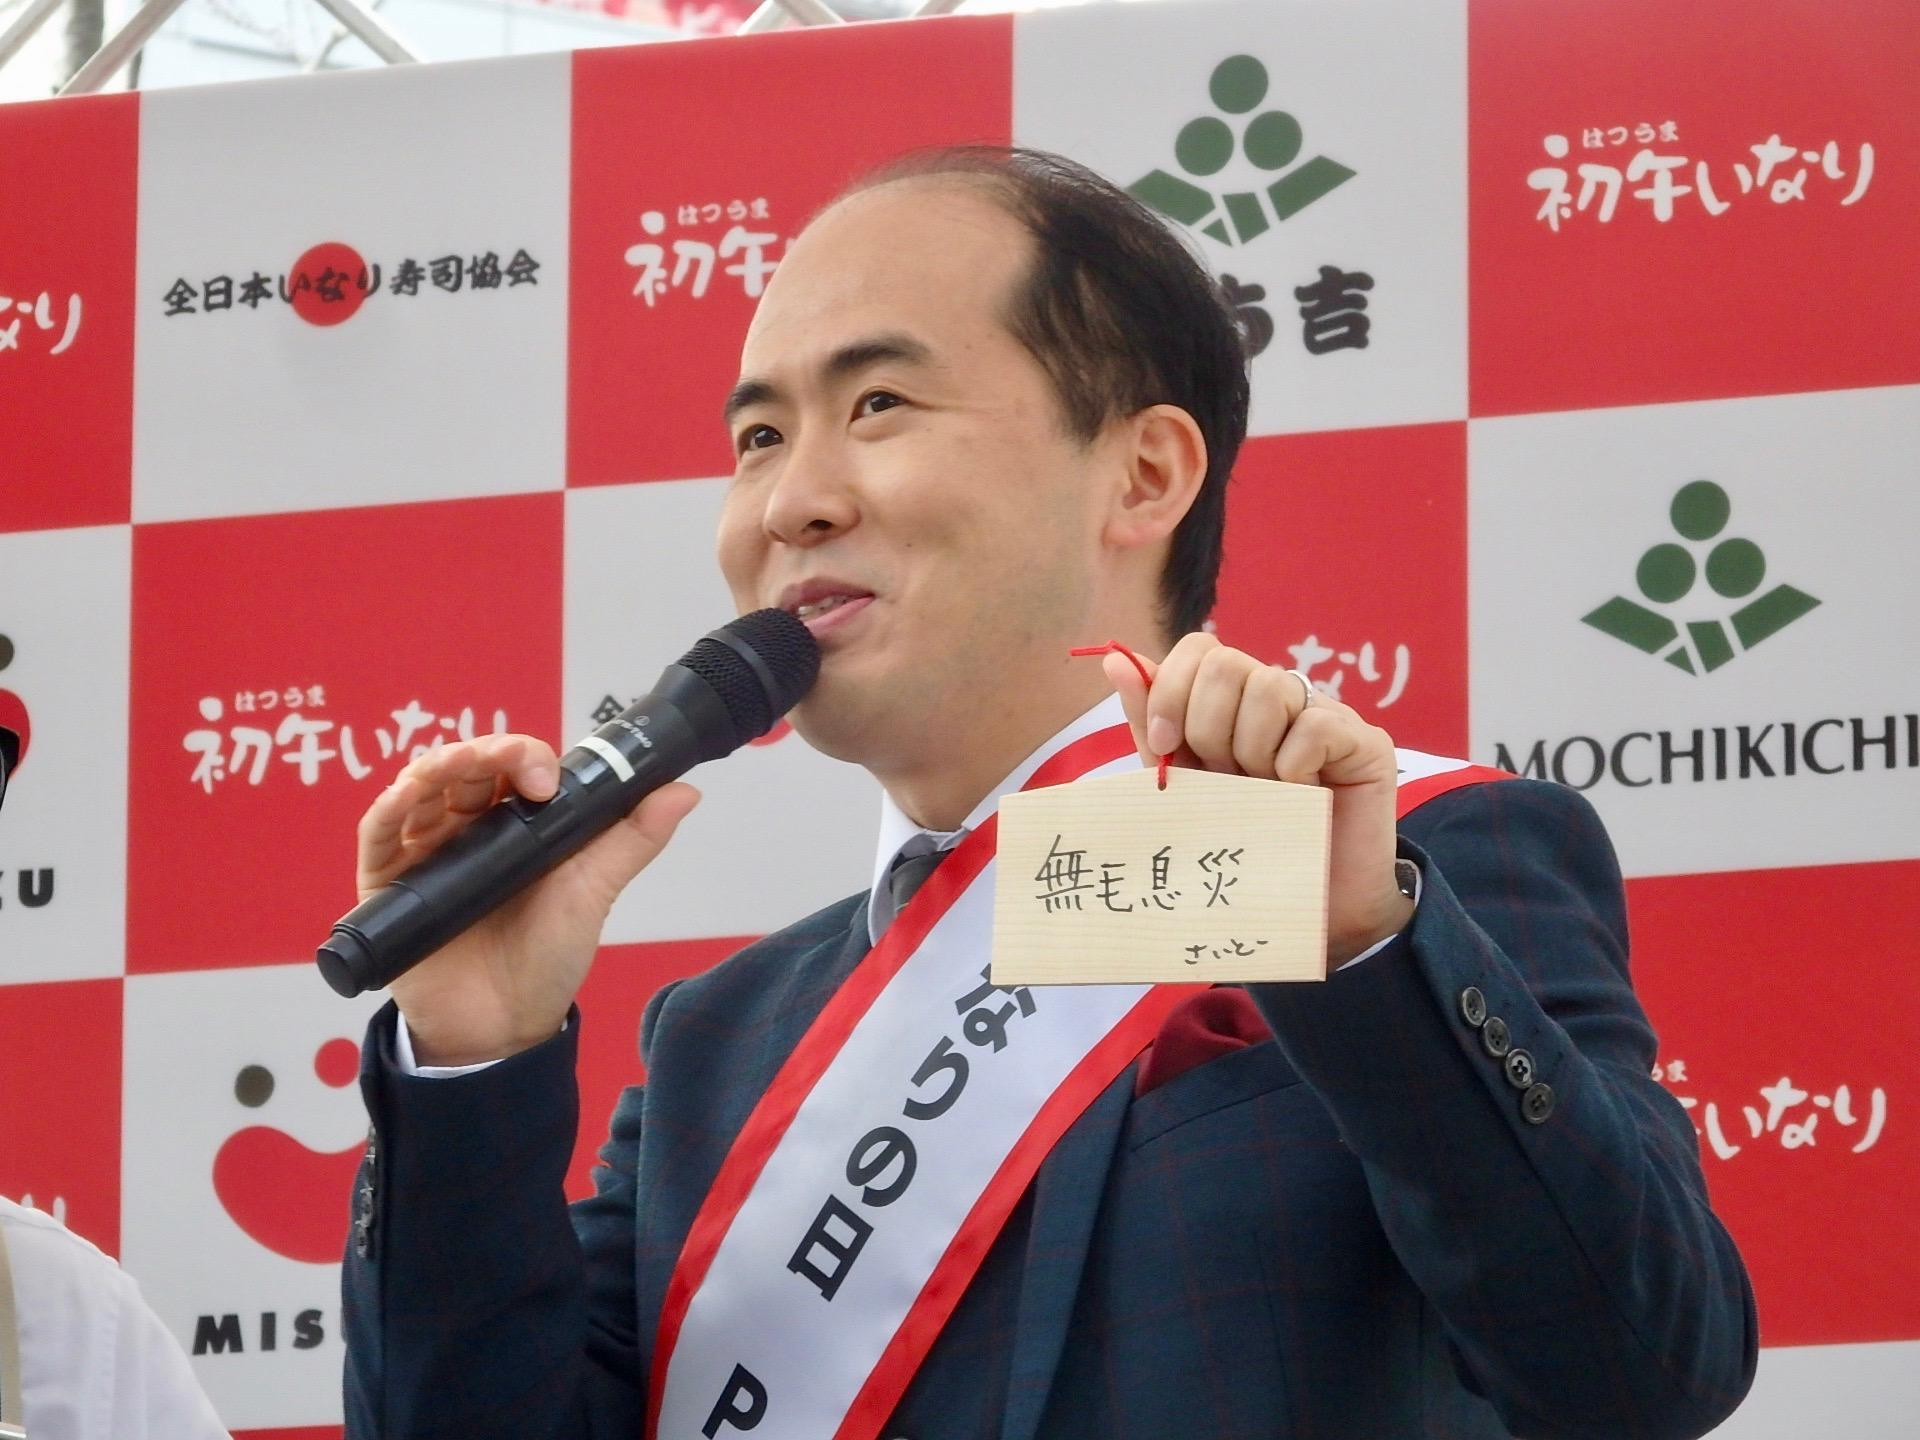 http://news.yoshimoto.co.jp/20180210163806-b1594d93fbe6ebbf8b3d0a9650685fde912f2208.jpg